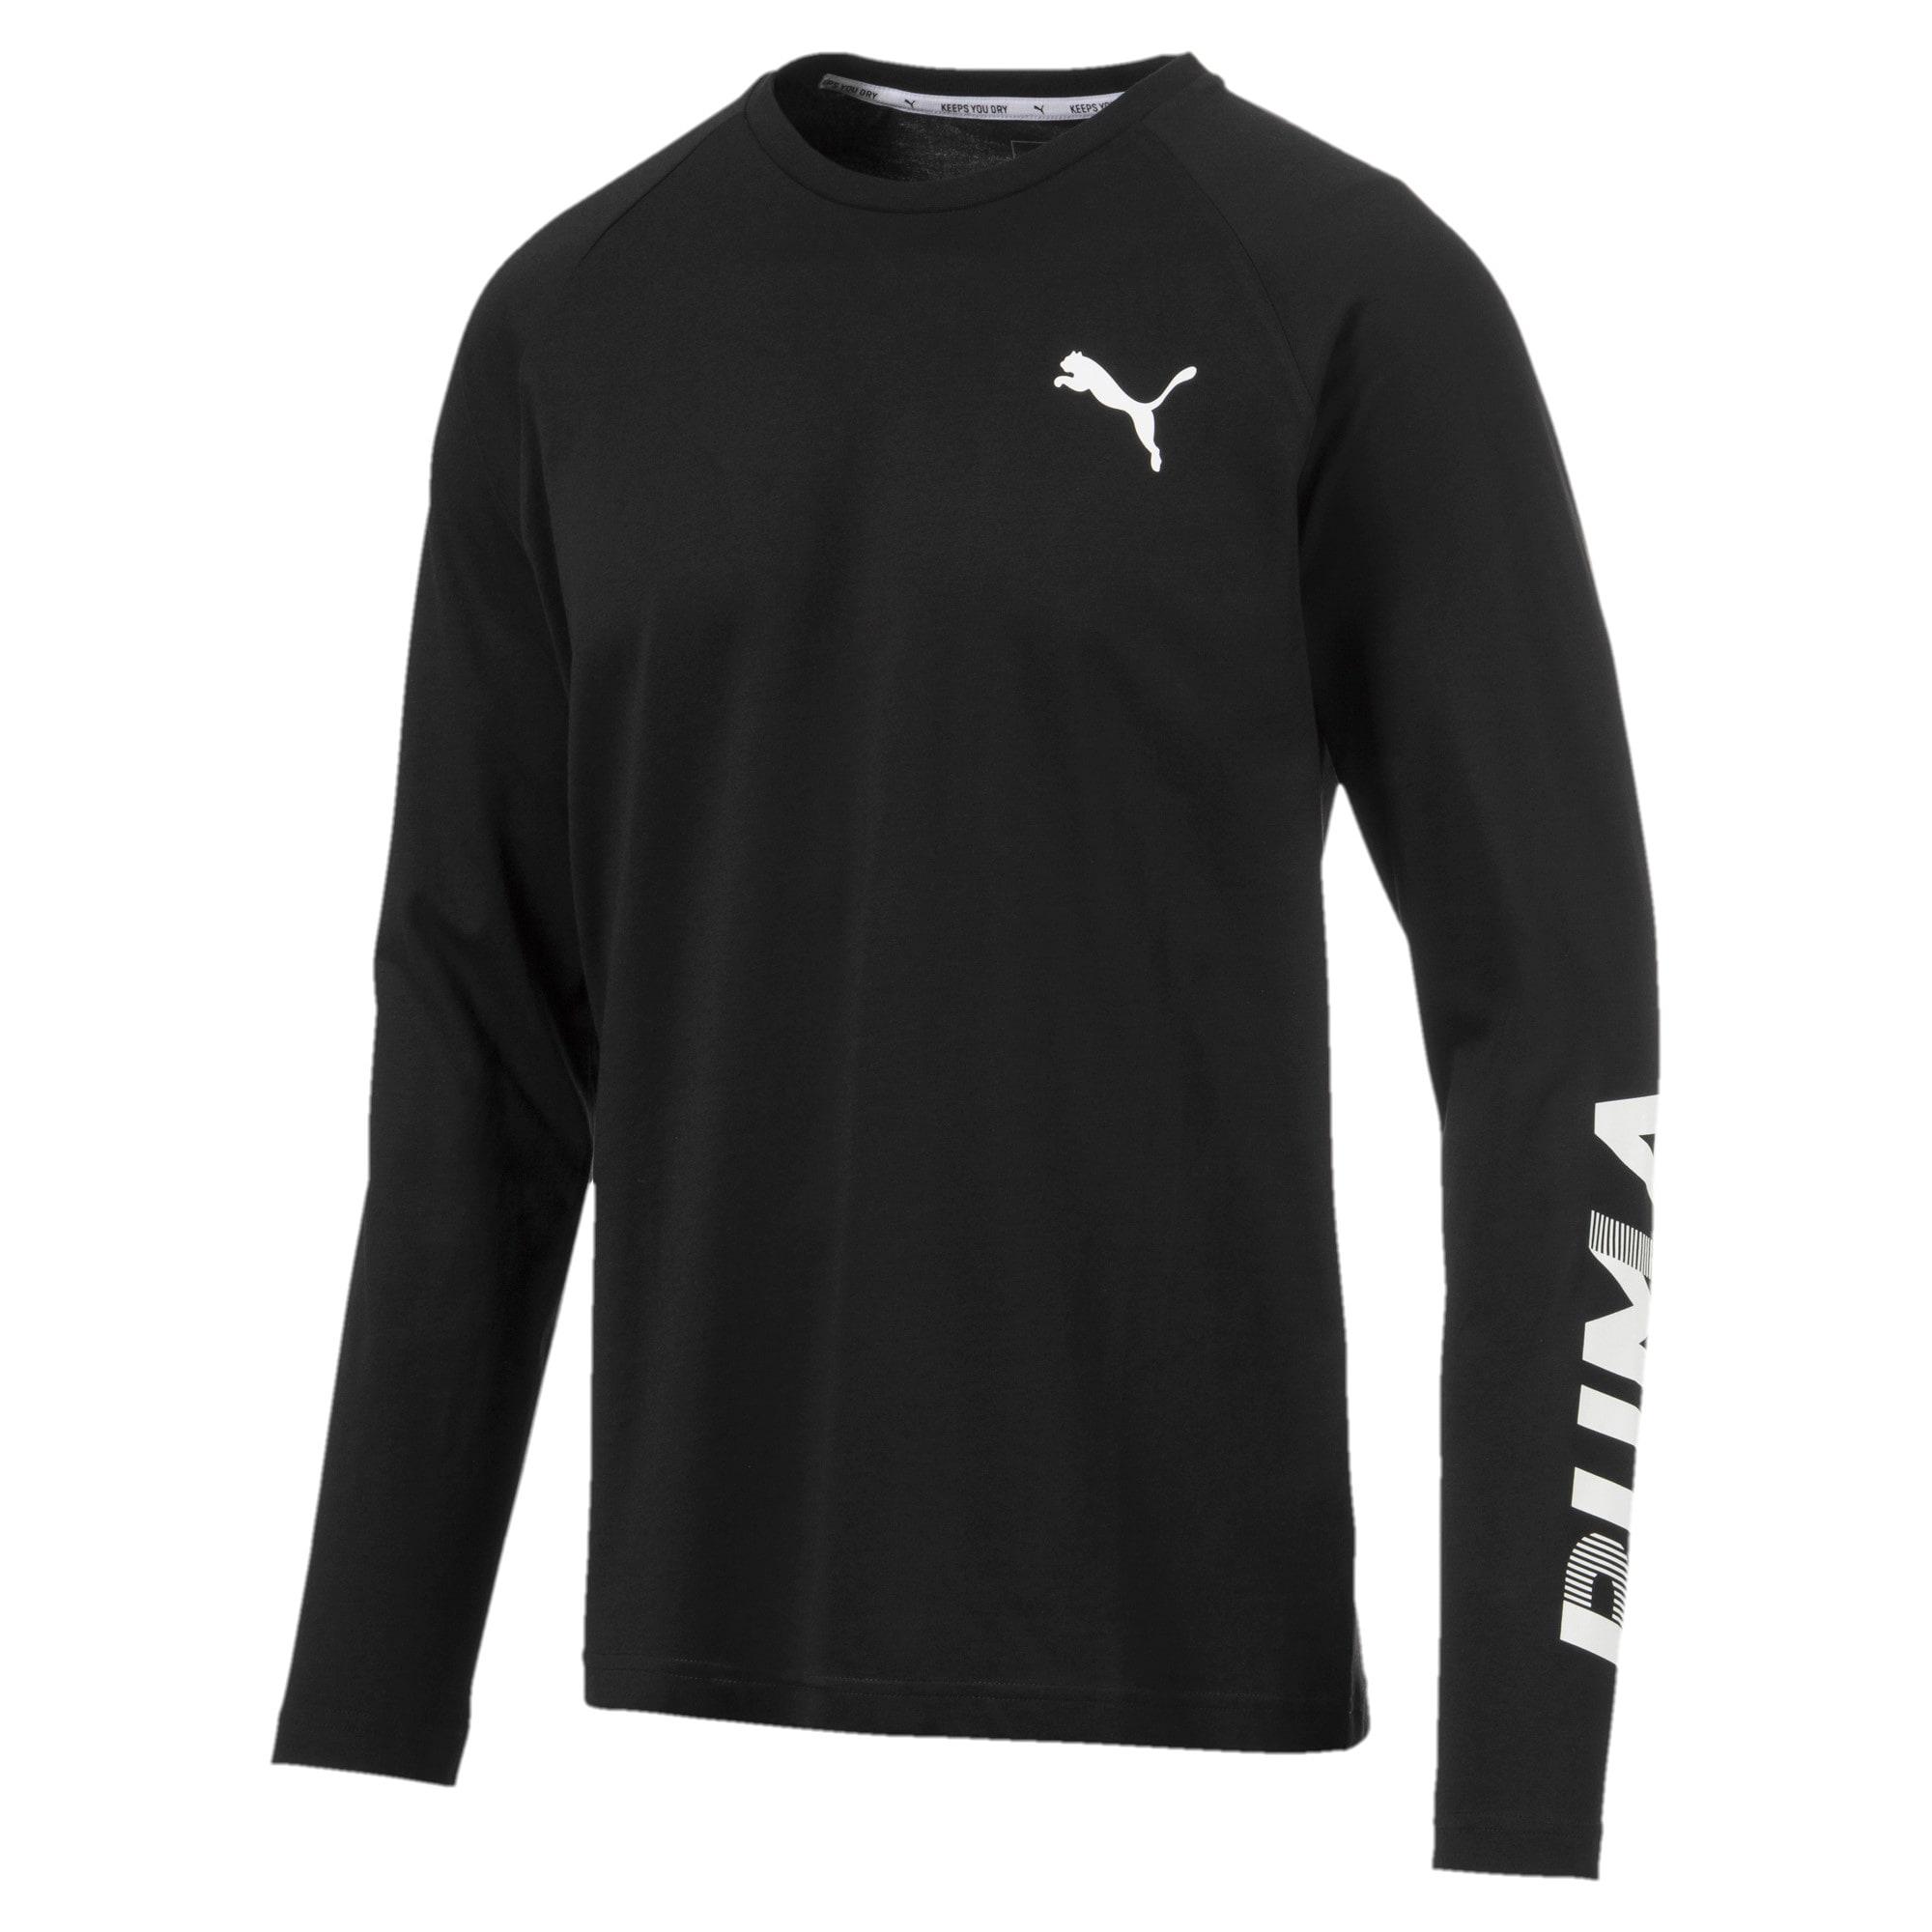 Miniatura 1 de Camiseta de mangas largas Modern Sports para hombre, Puma Black, mediano